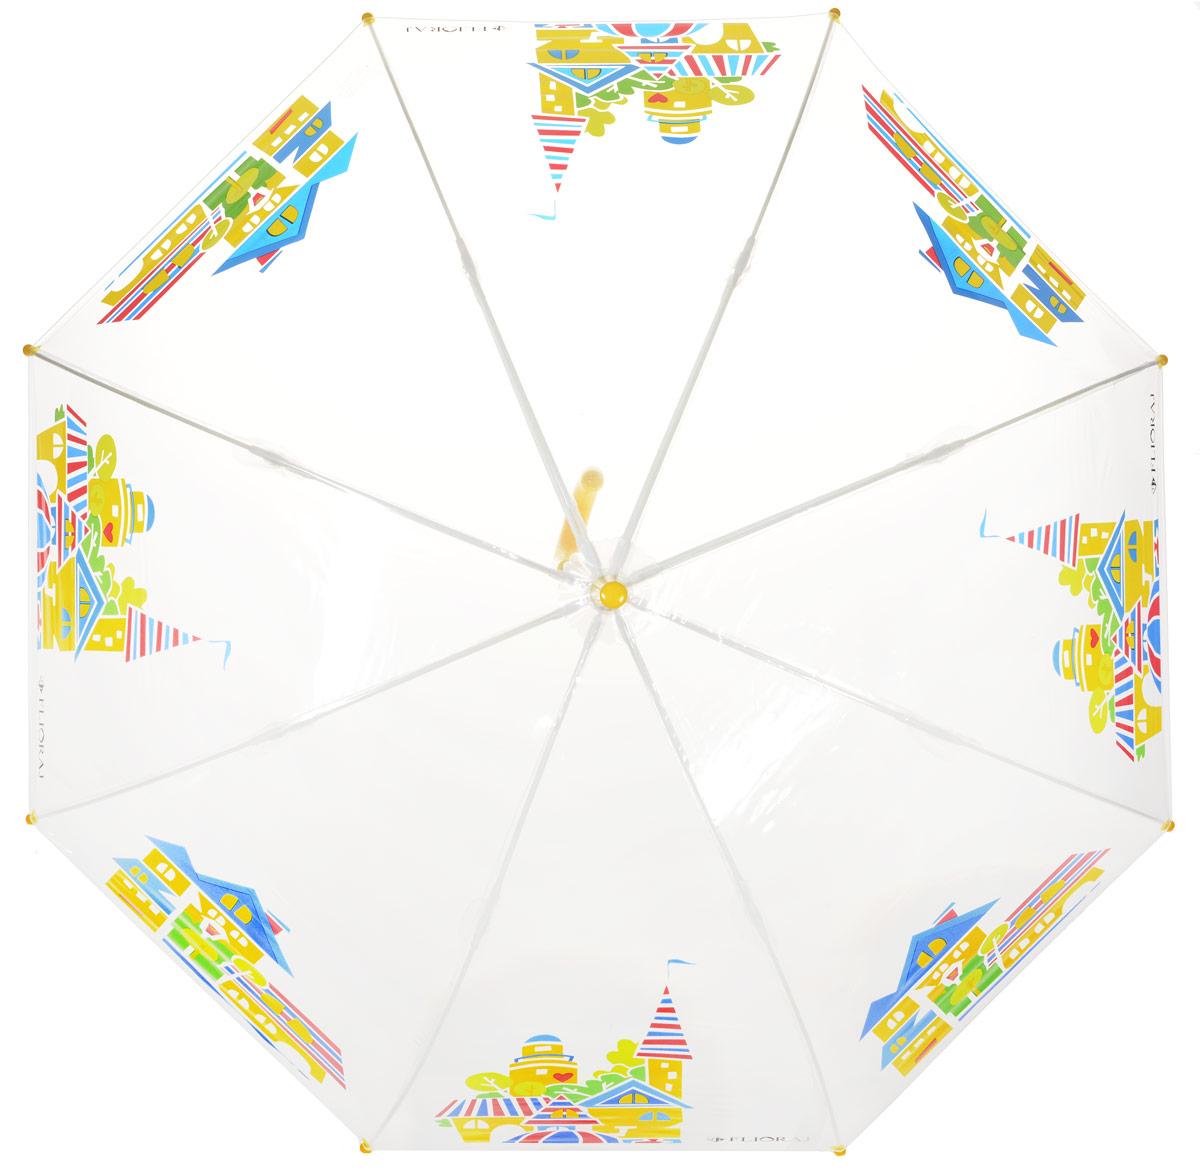 Зонт-трость детский Flioraj, механика, цвет: прозрачный, мультиколор. 051208REM12-CAM-GREENBLACKОригинальный и практичный детский зонт-трость Flioraj будет отличным подарком для вашего ребенка.Зонт состоит из восьми спиц и стержня выполненных из прочного, но легкого фибергласса. Купол выполнен из качественного ПВХ, который не пропускает воду и оформлен красочным рисунком. Зонт дополненудобной пластиковой ручкой в виде крючка. Изделие имеет механический способ сложения: и купол, и стержень открываются и закрываются вручную до характерного щелчка. Зонт закрывается хлястиком на кнопку.Зонт имеет прозрачную текстуру, что позволяет ребенку видеть обстановку вокруг себя.